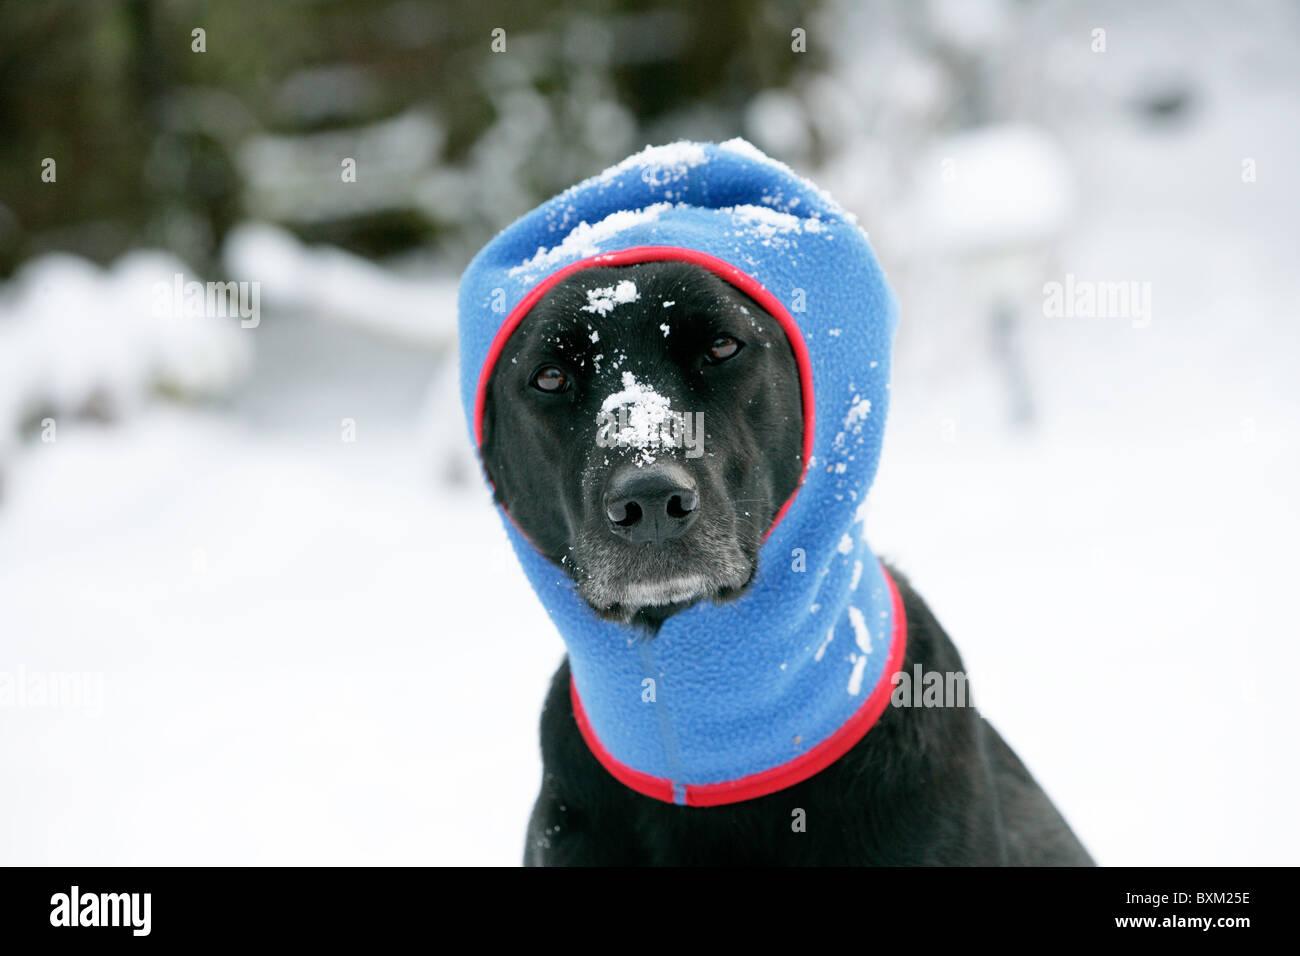 bandana sportiva e casual copricapo collo ghetta passamontagna testa sciarpa Mascherina unisex multifunzionale per il viso con cane di terrier carino su sfondo rosso